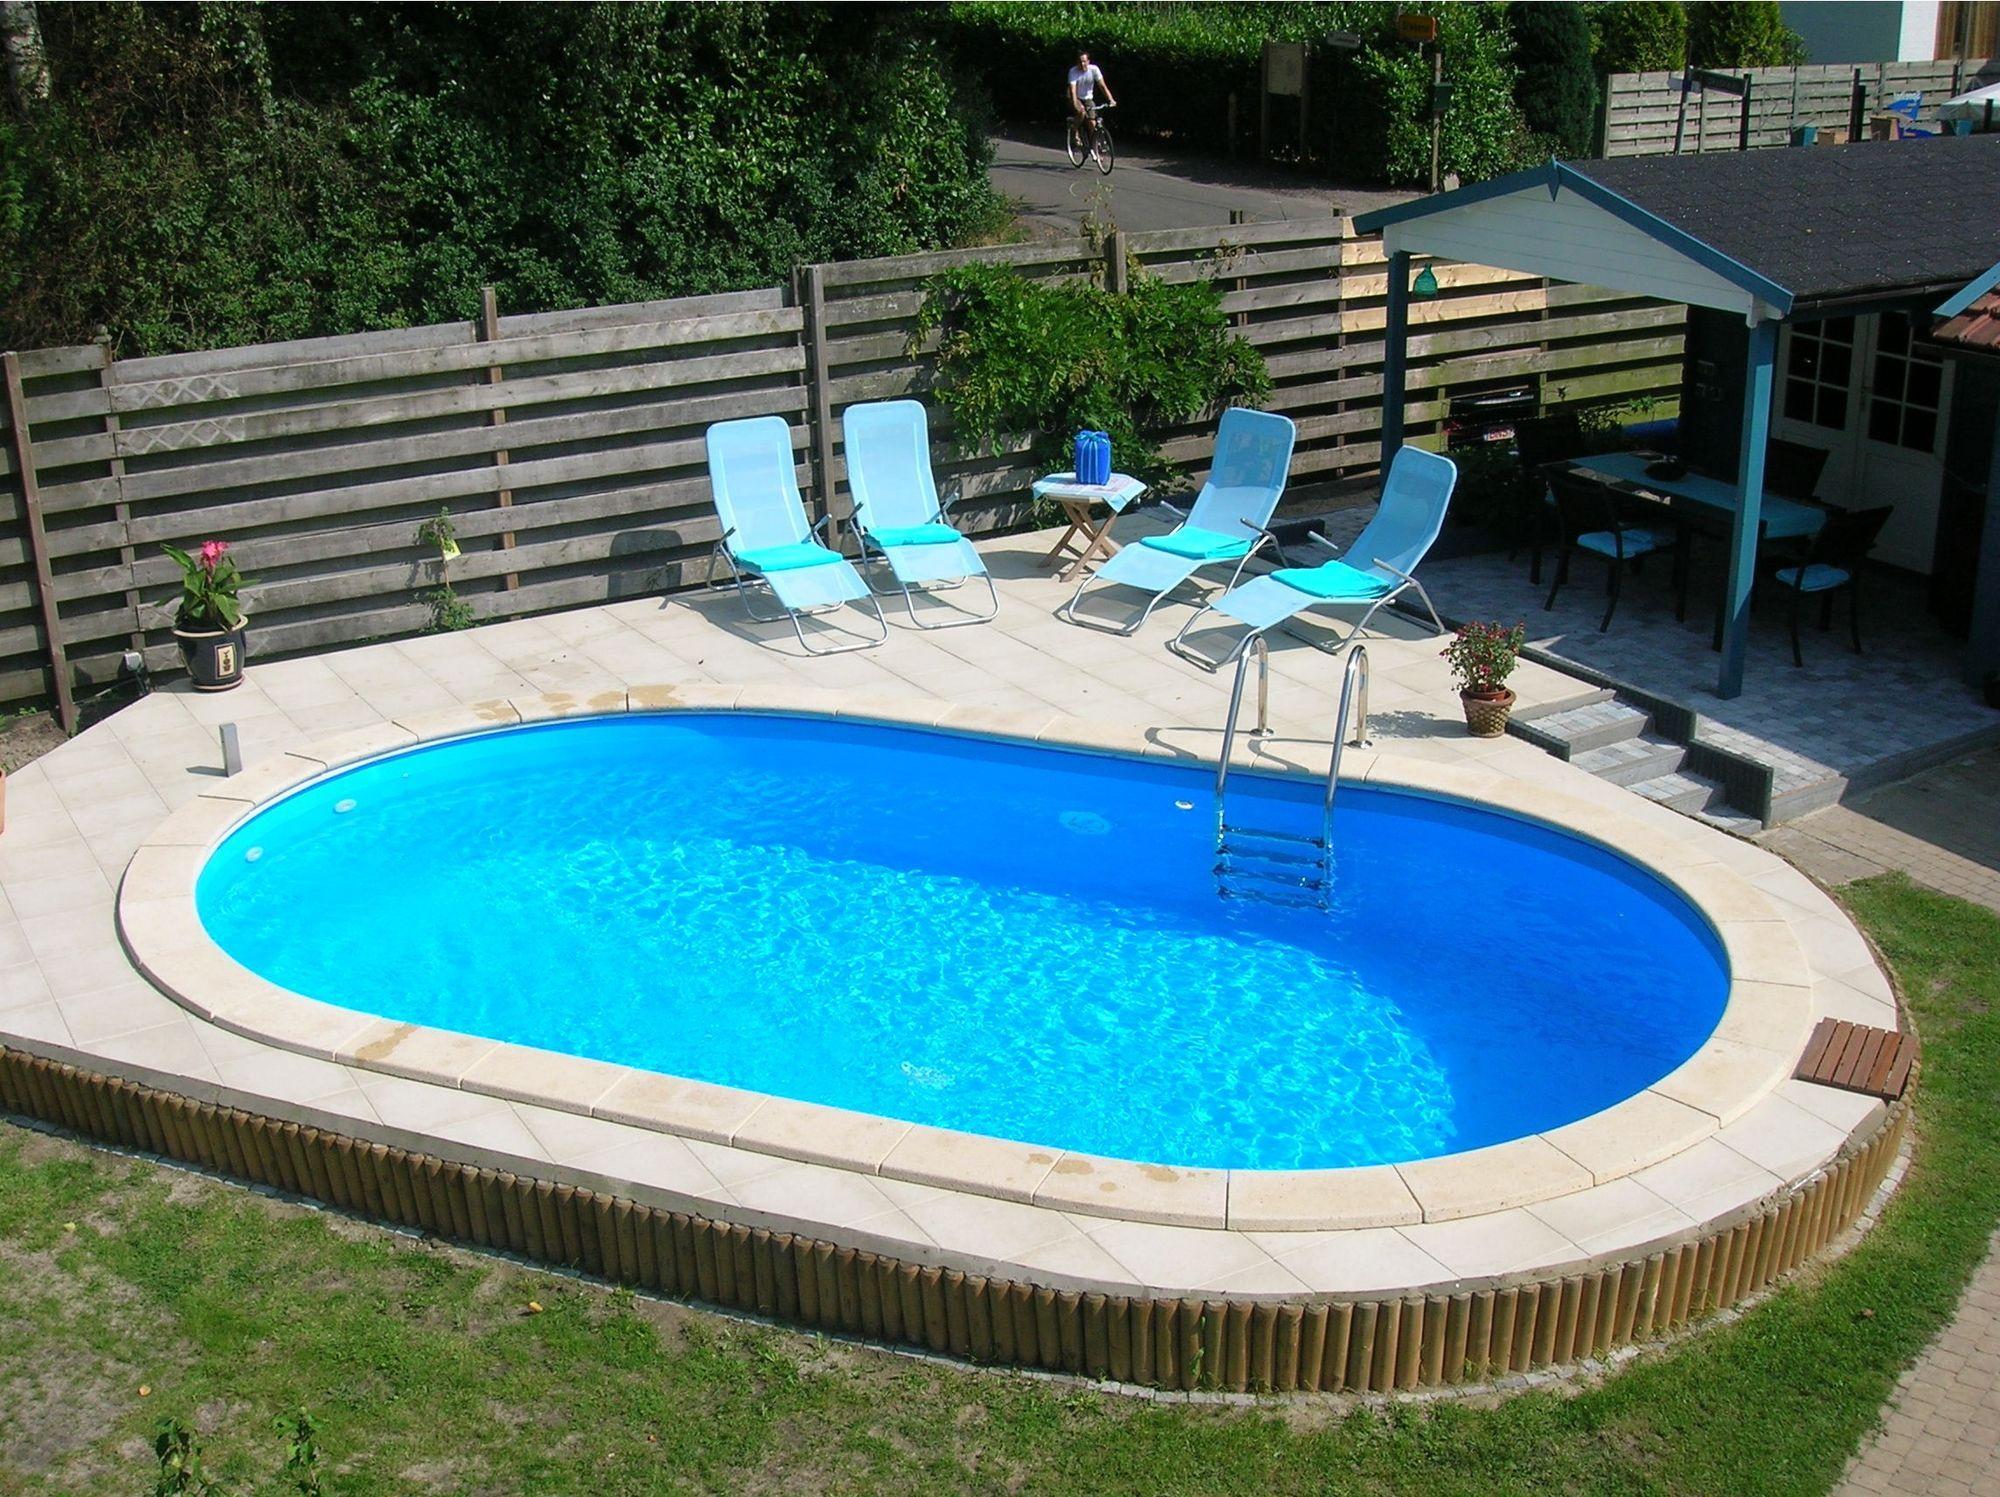 Afbeelding van Happy Pool Ovaal Metalen Zwembad 1228 x 600 cm (hoogte 120cm)